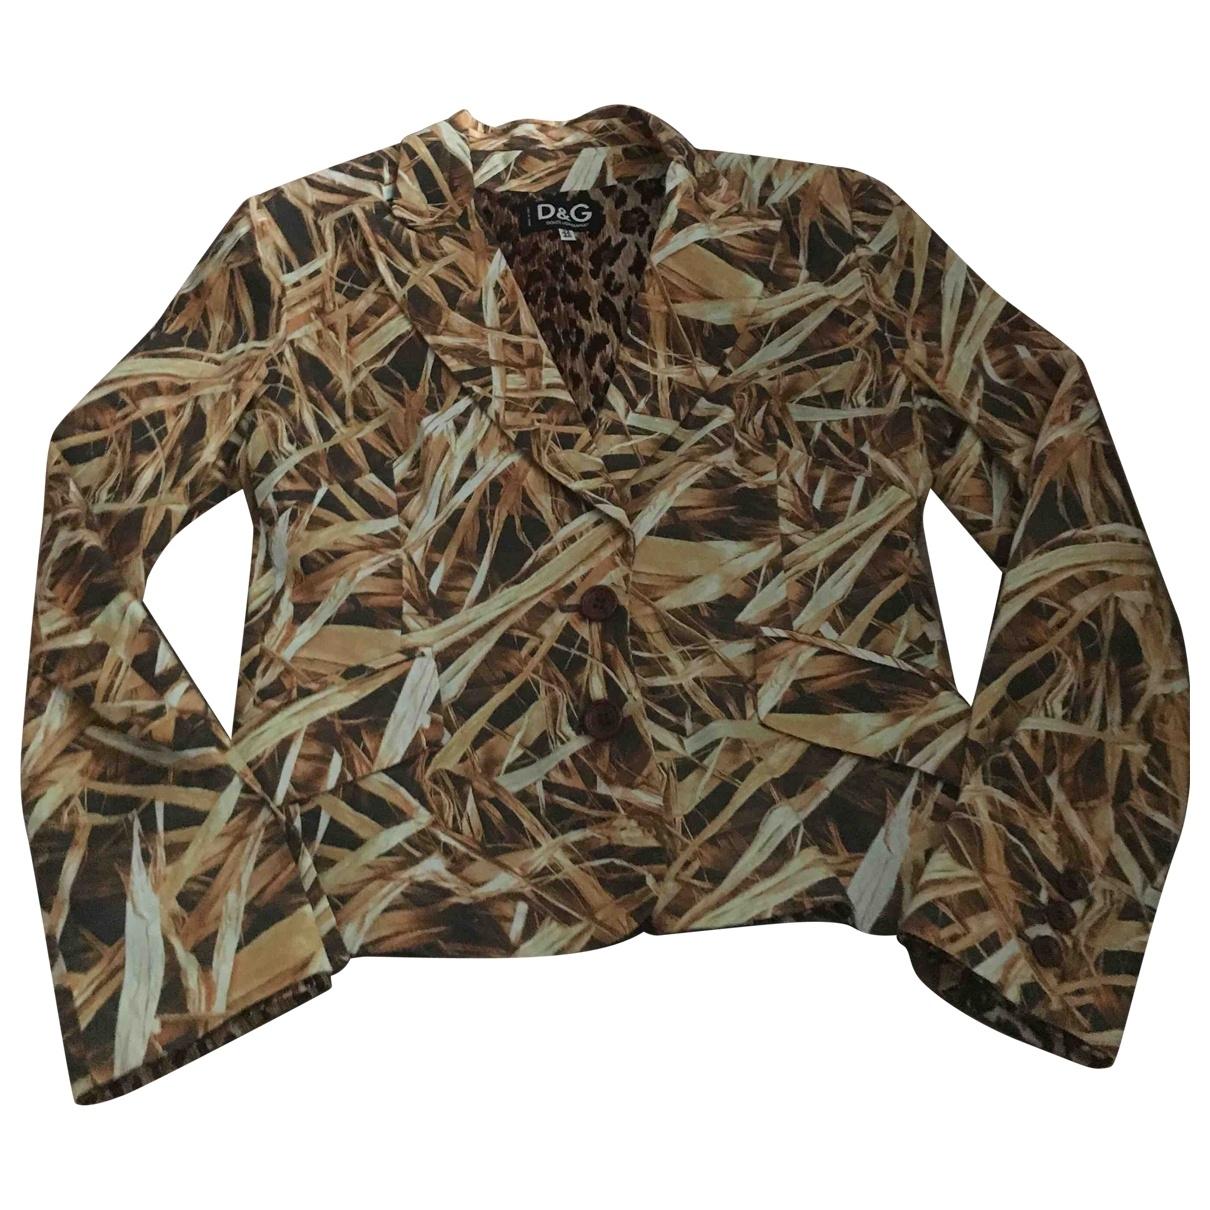 D&g \N Multicolour Cotton jacket for Women 46 IT